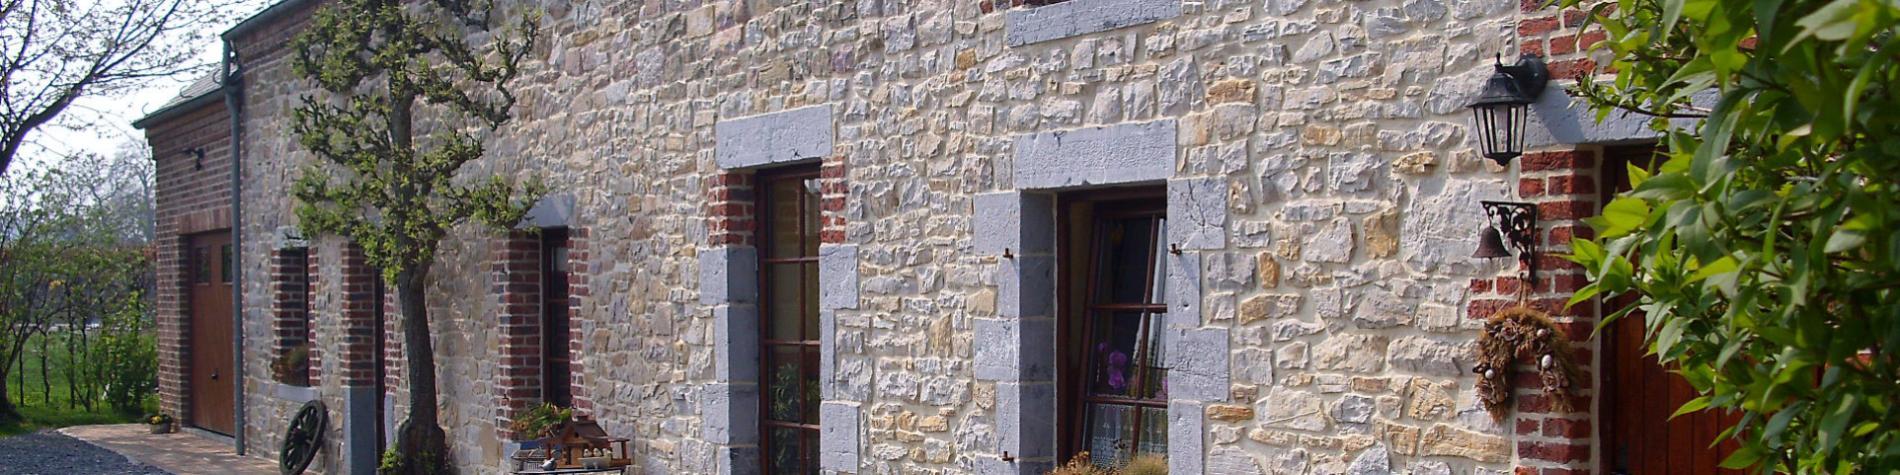 Chambre d'hôtes - Aux Gaietés de la Sabotière - Seloignes